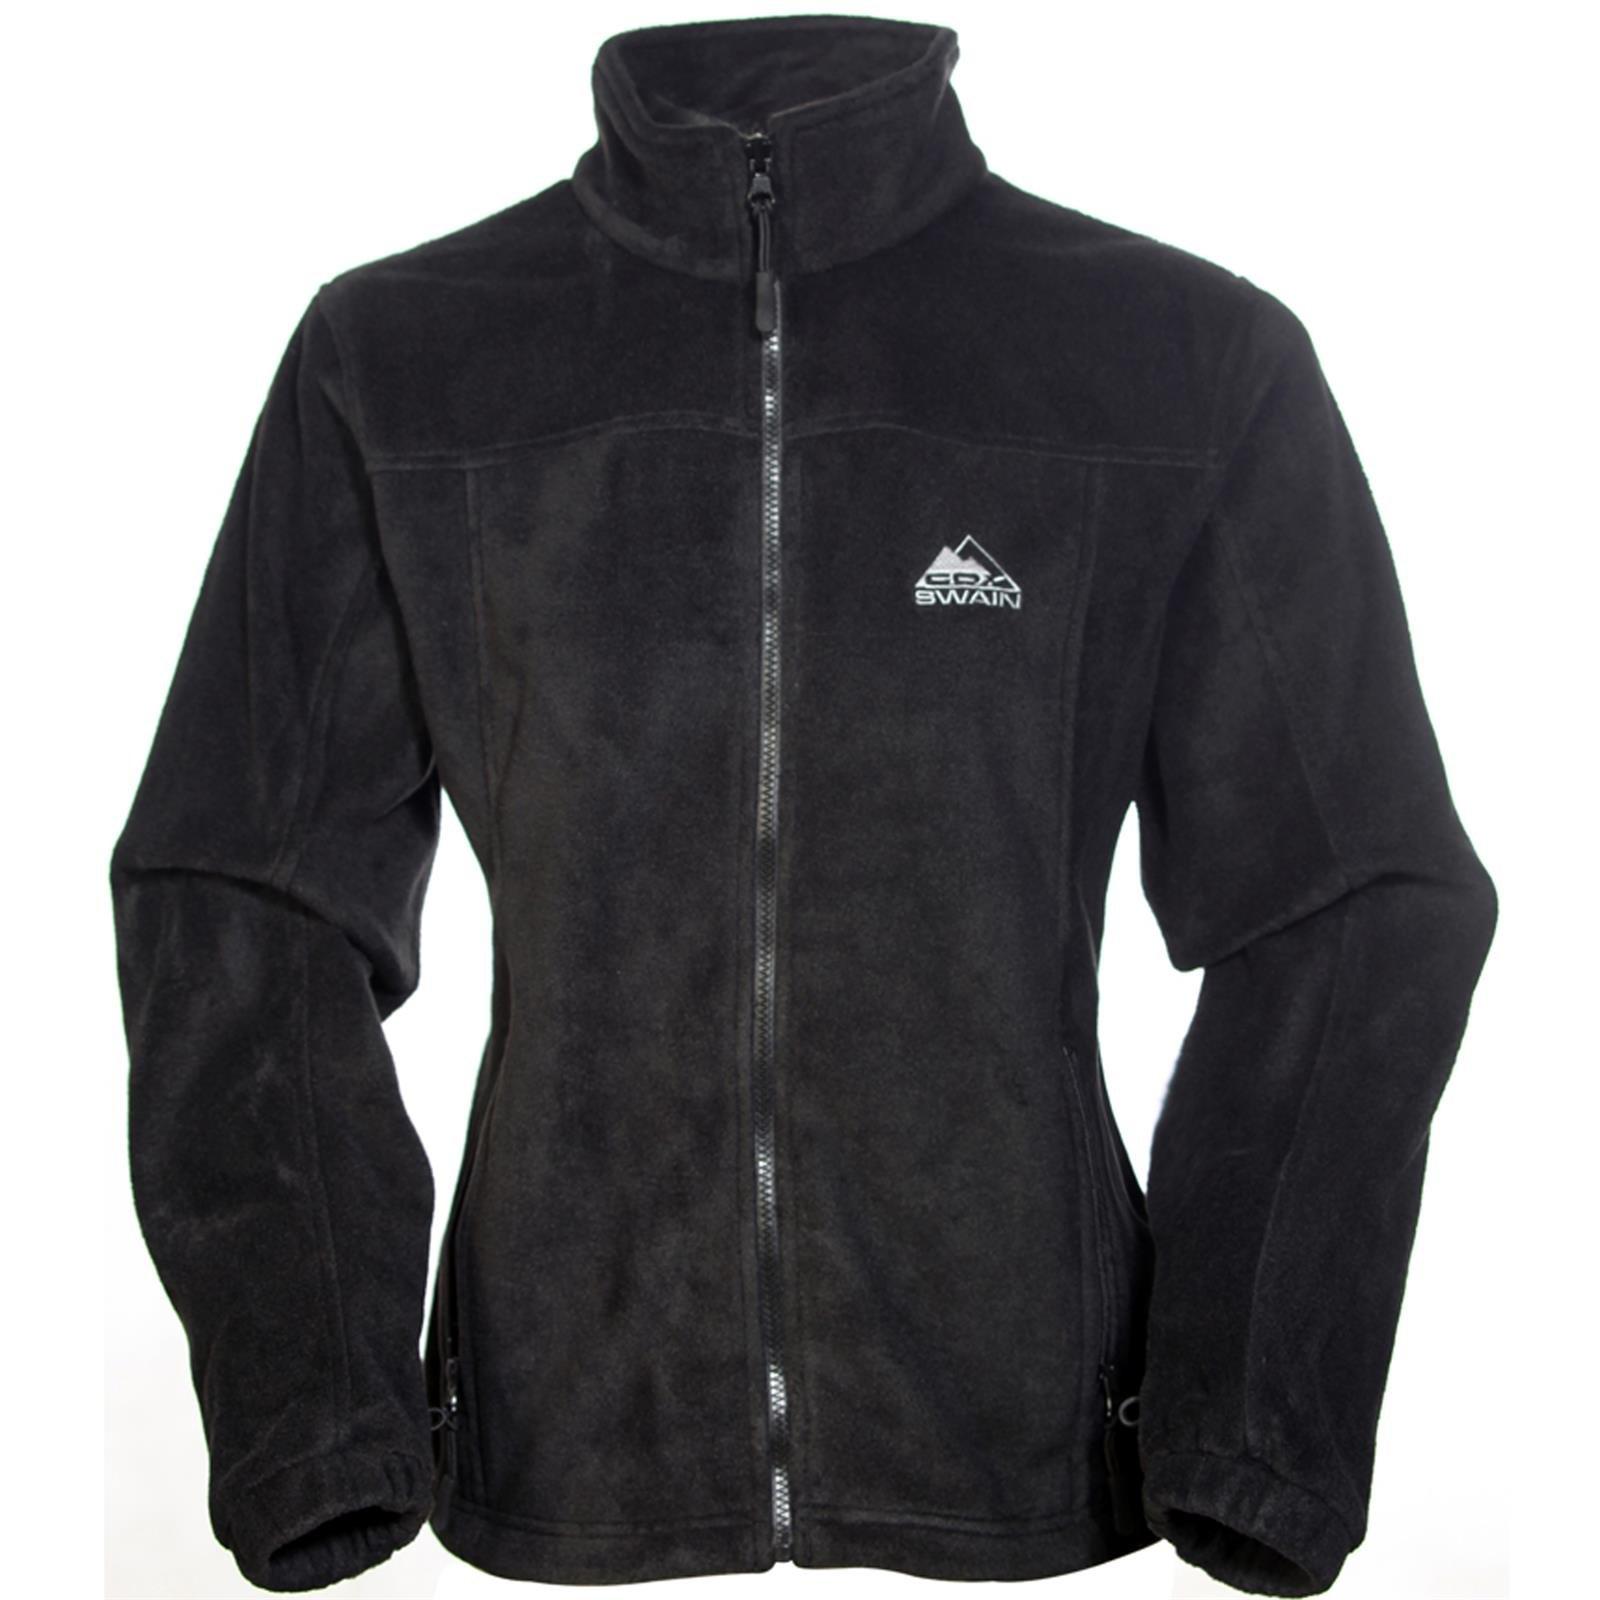 COX SWAIN women fleece jacket OAKS, Colour: Black, Size: L